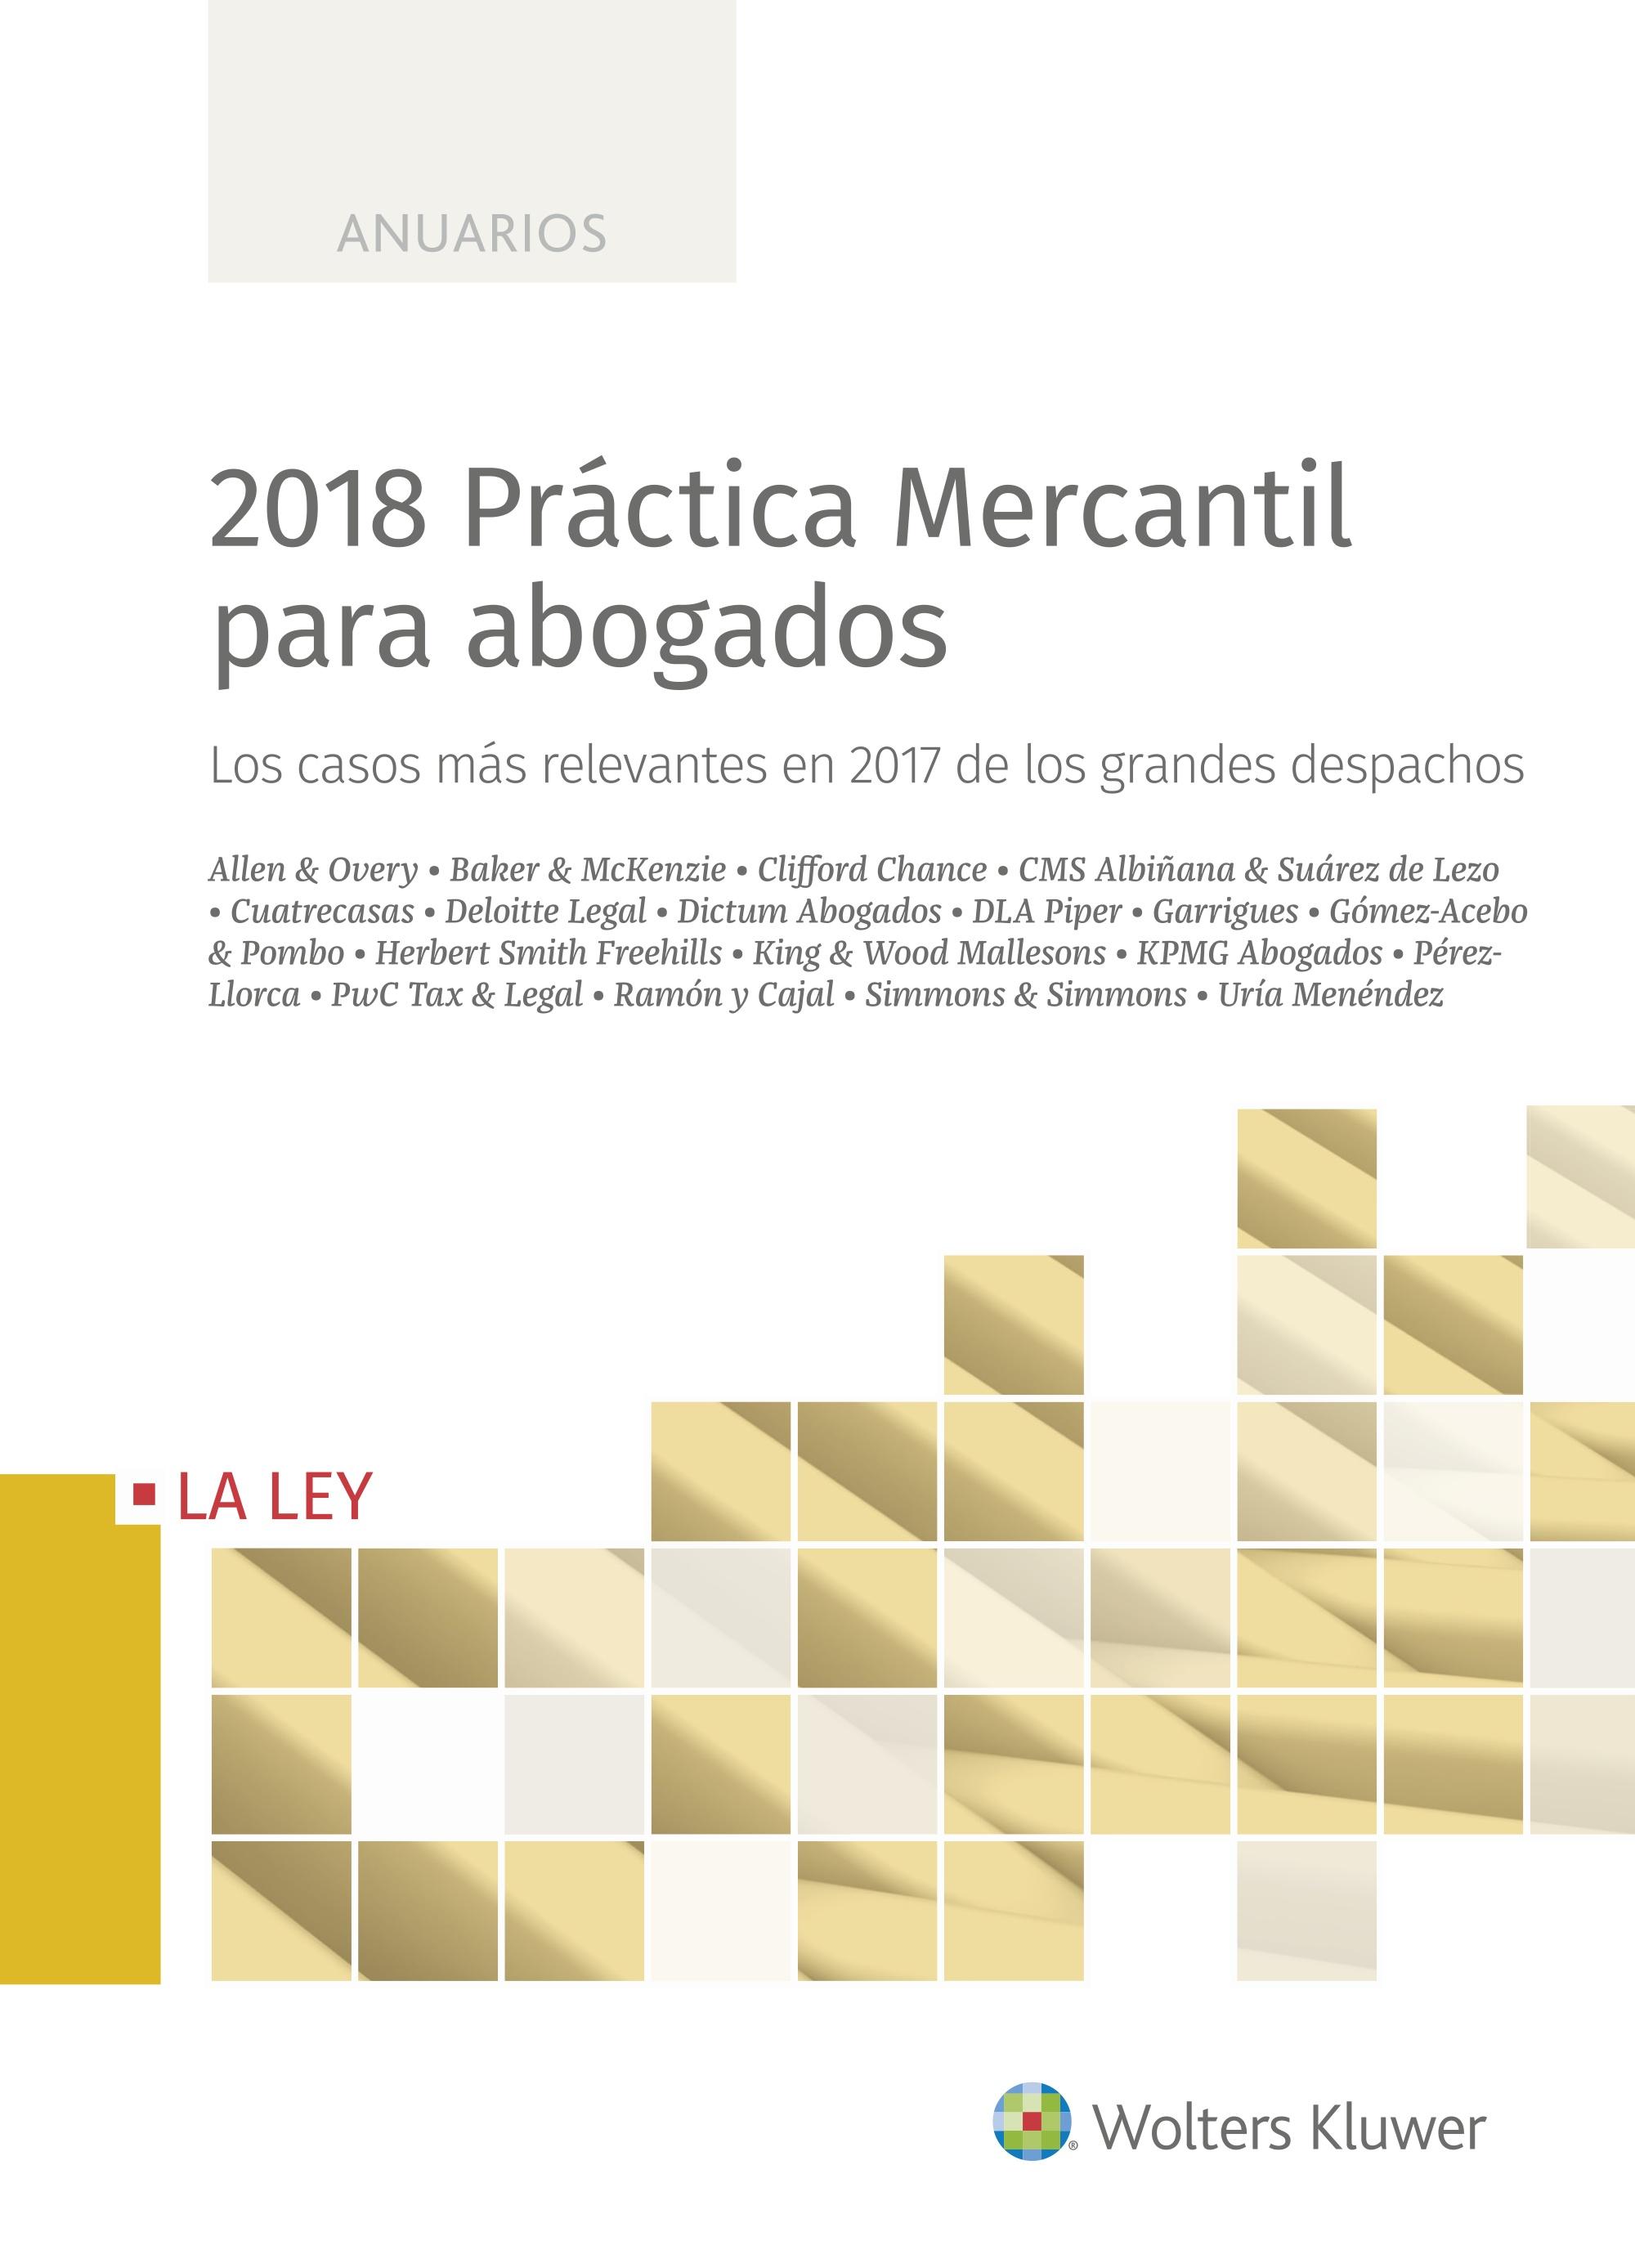 2018 Práctica Mercantil para abogados   «Los casos más relevantes en 2017 de los grandes despachos»